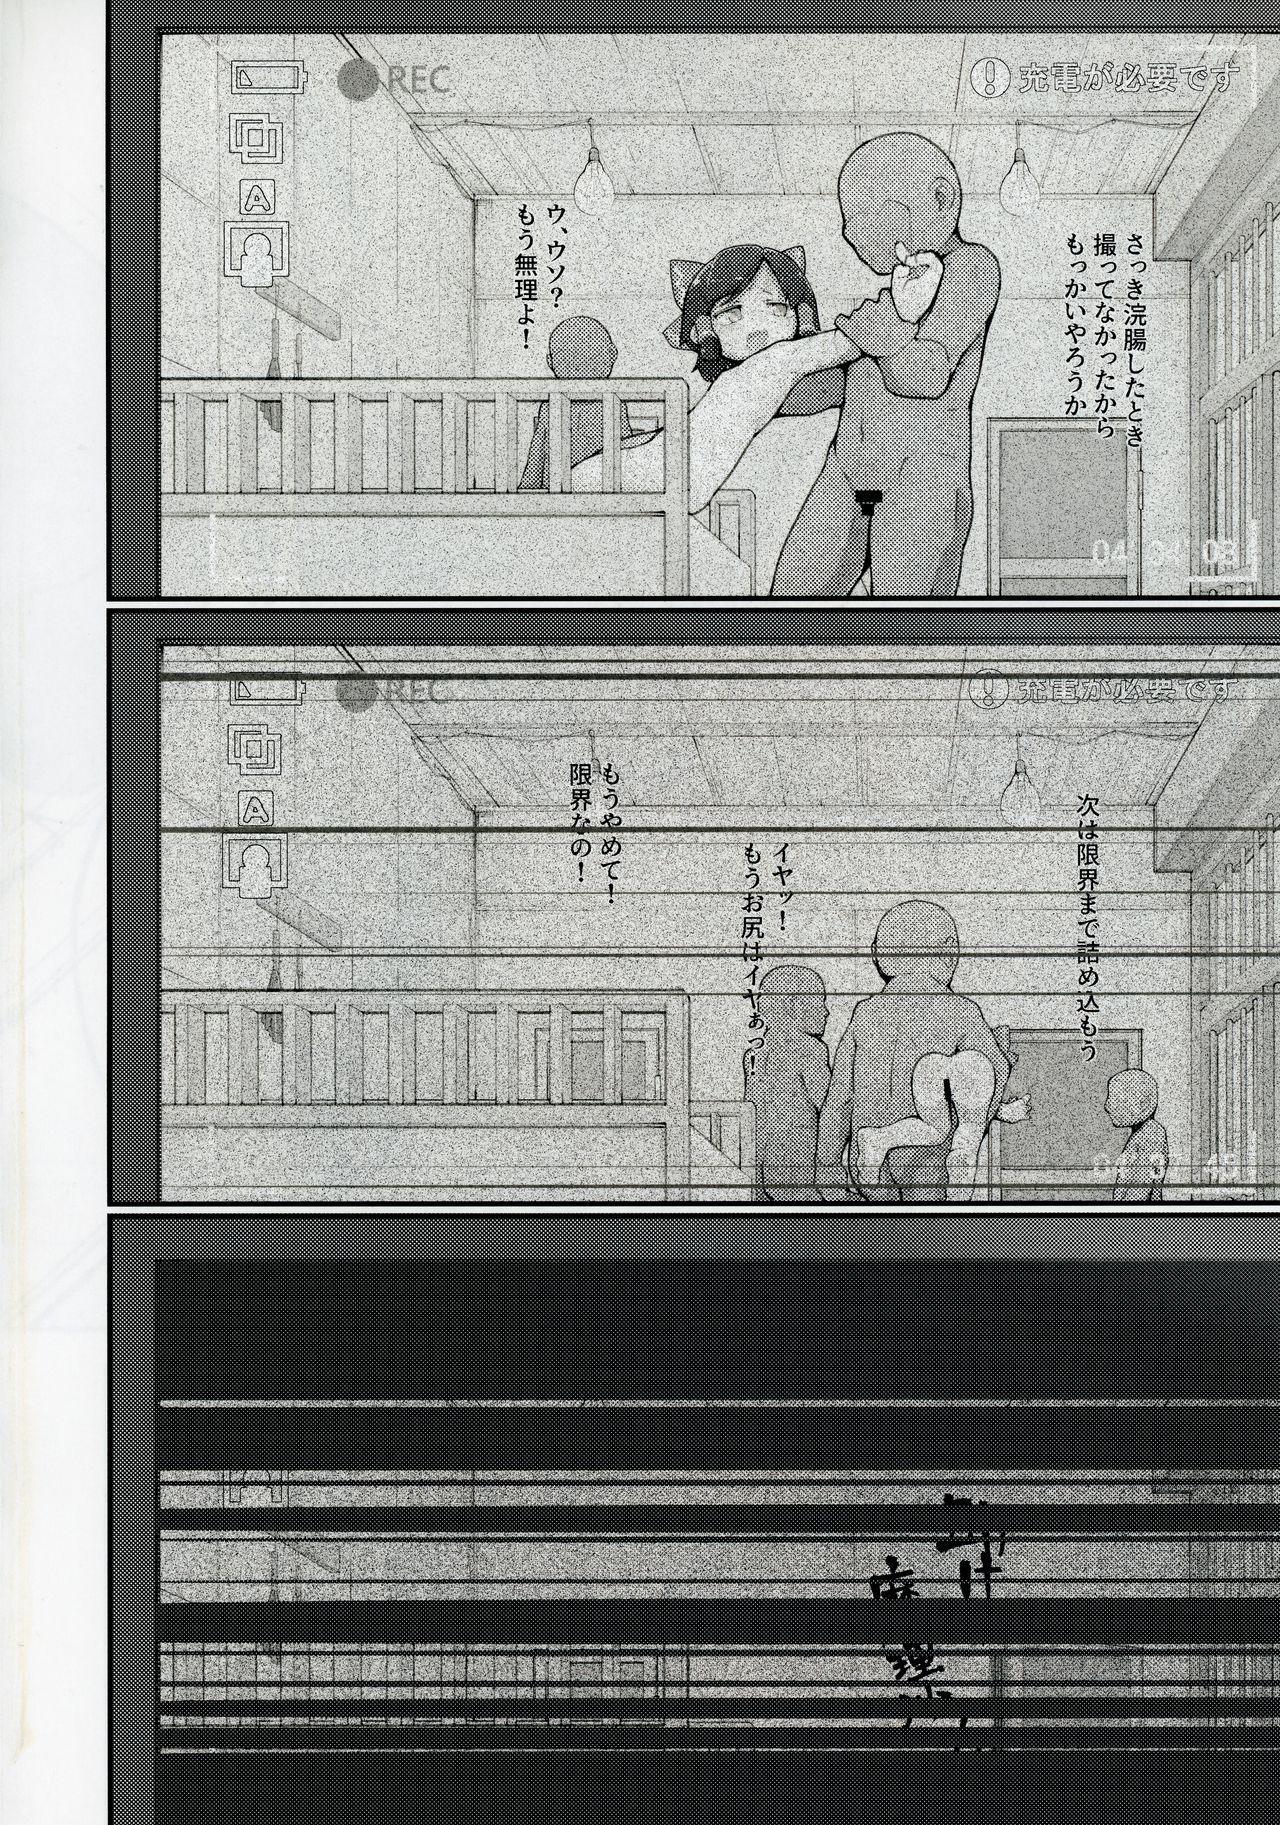 Hakurei no Miko Gaikai Ochi Ura 〇〇 Kyousei Satsuei 22